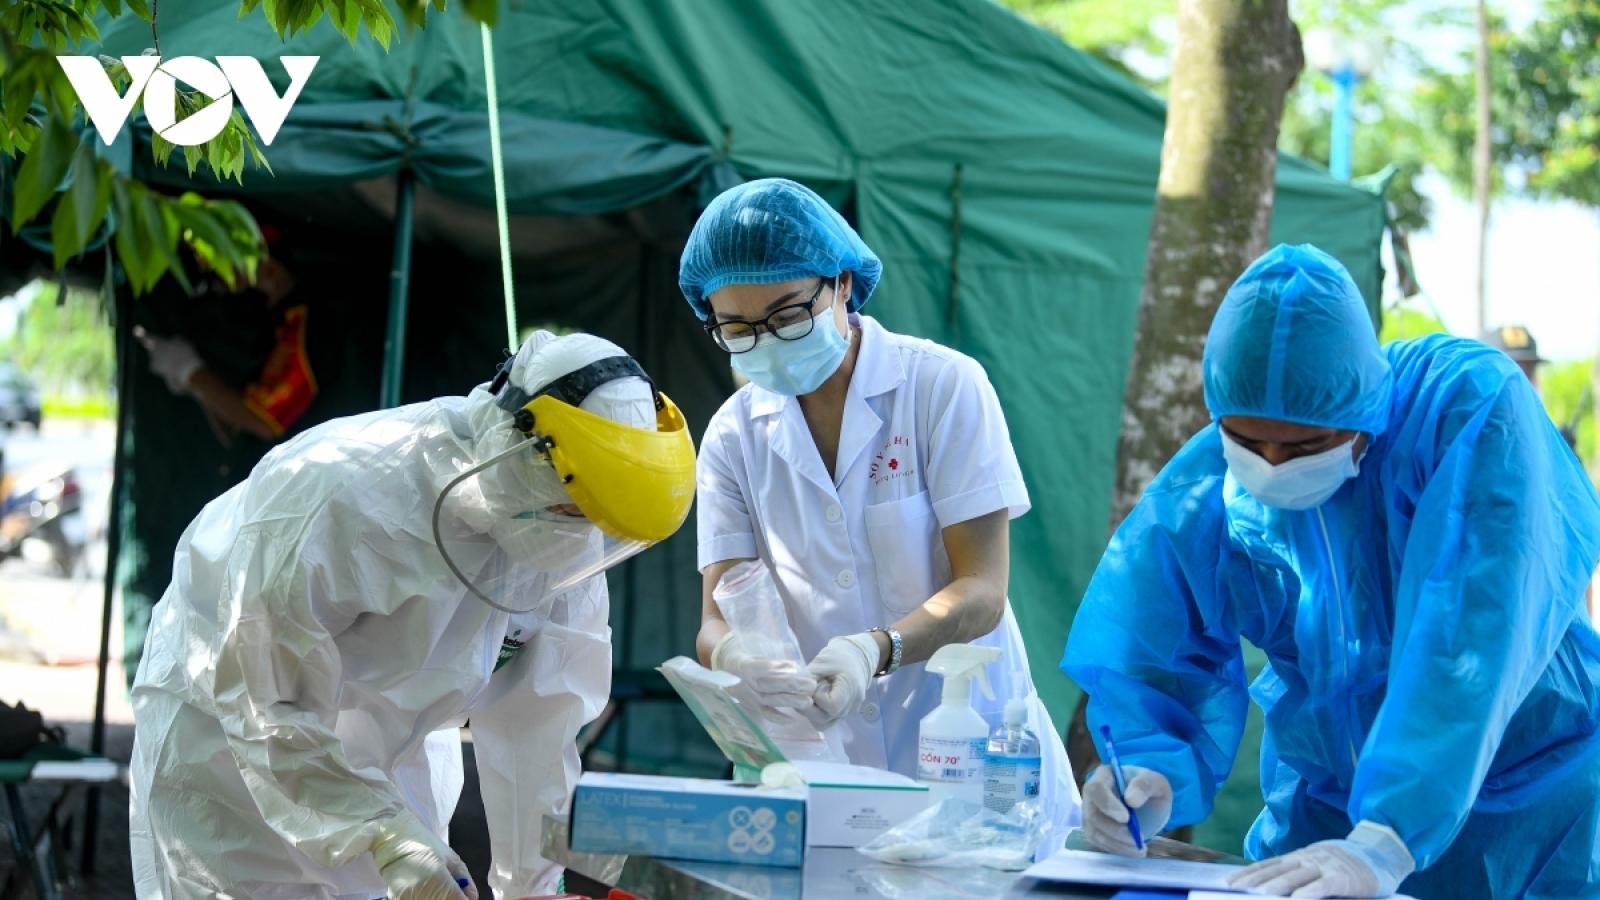 Trong ngày 24/7, Việt Nam có 7.968 ca mắc COVID-19 mới, TP.HCM nhiều nhất 5.396 ca